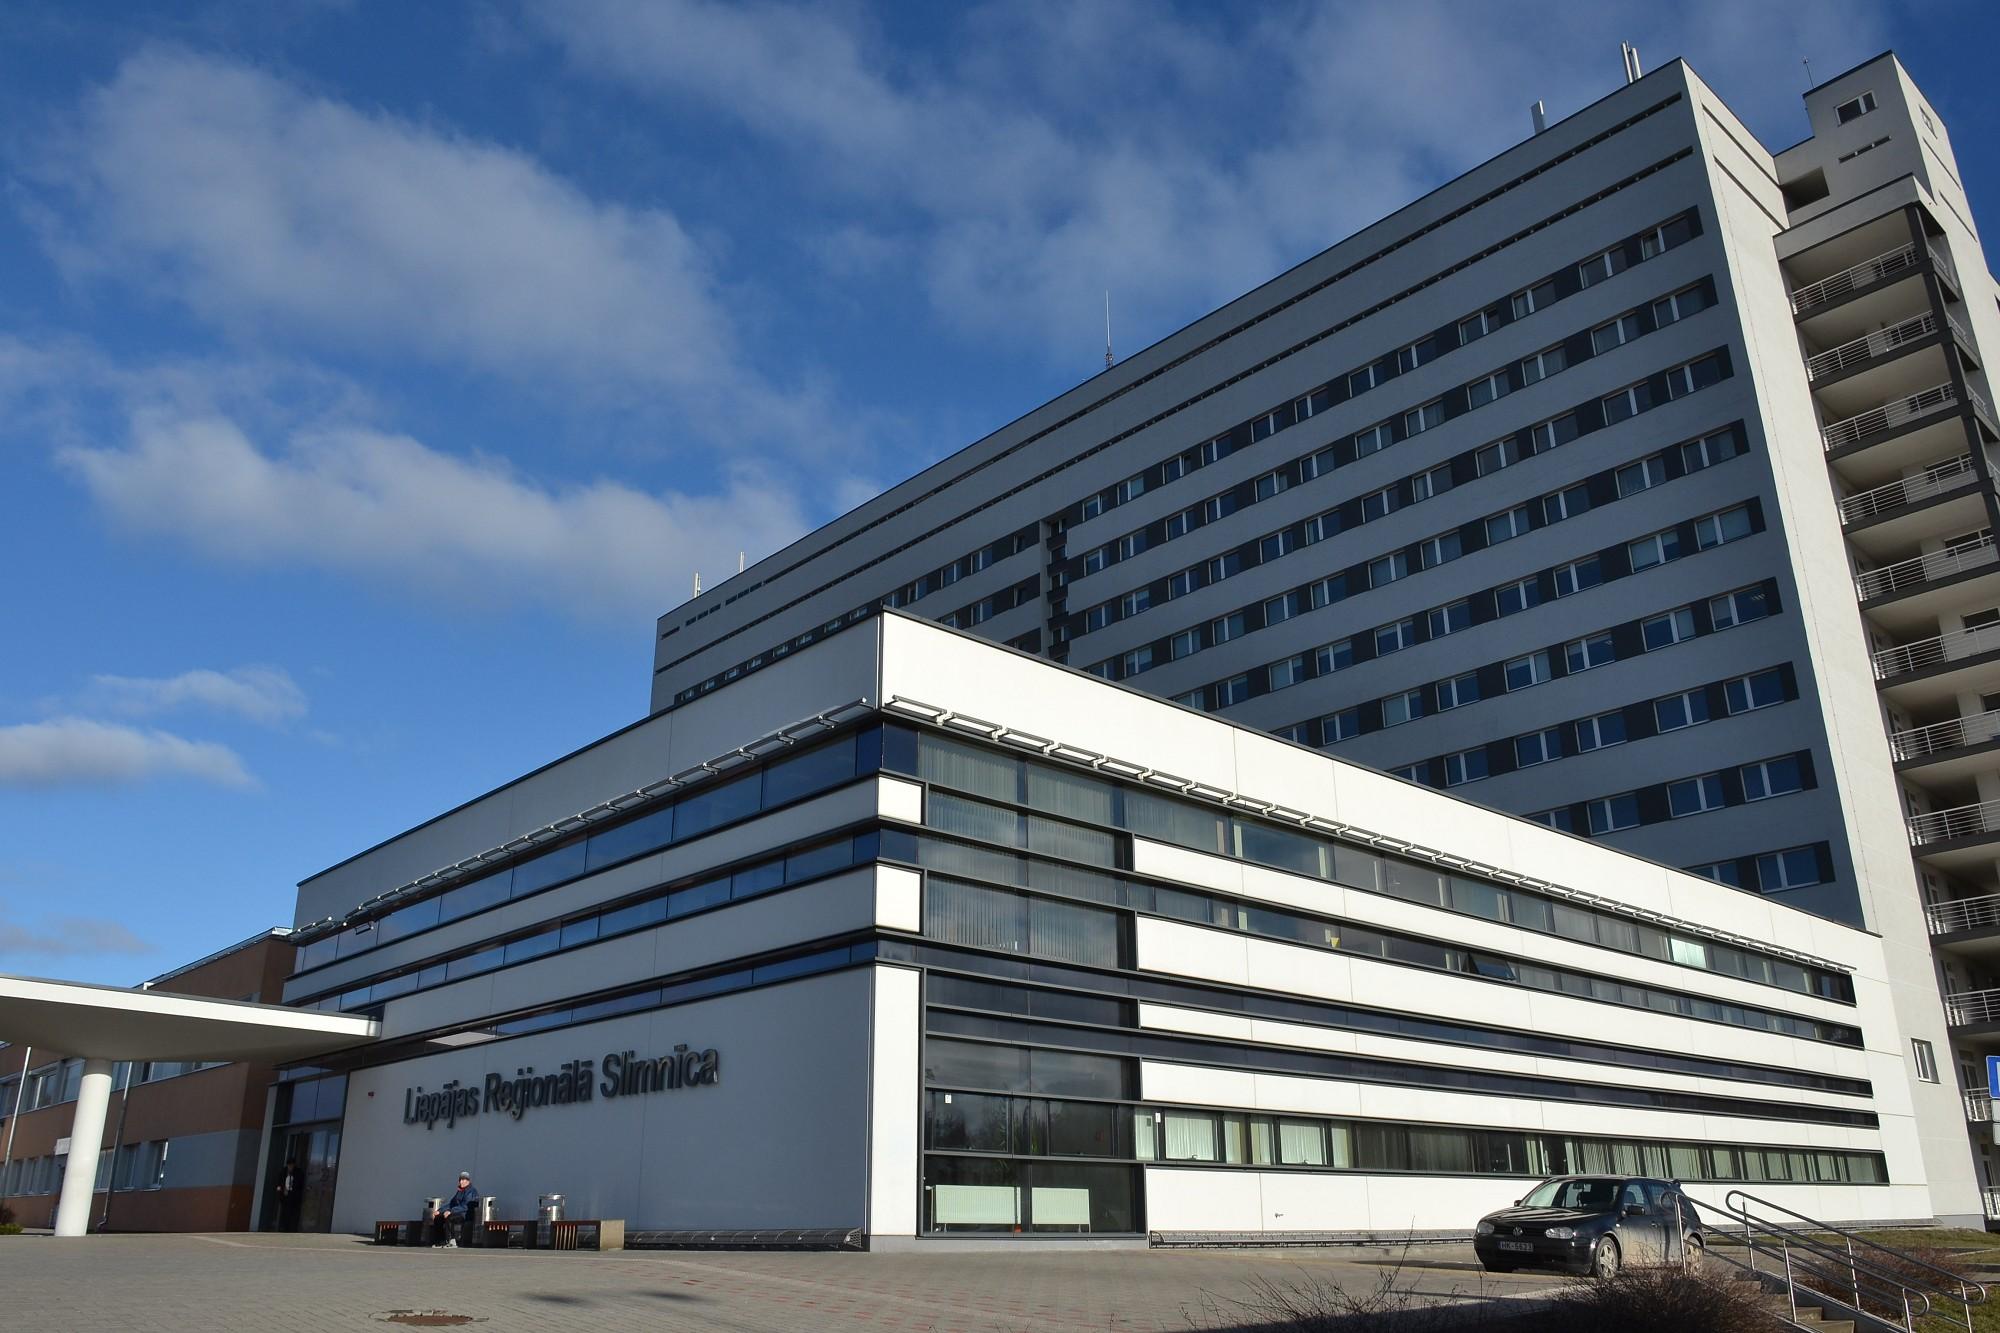 Premjers Liepājas Reģionālo slimnīcu redz kā galveno medicīnas centru Kurzemē